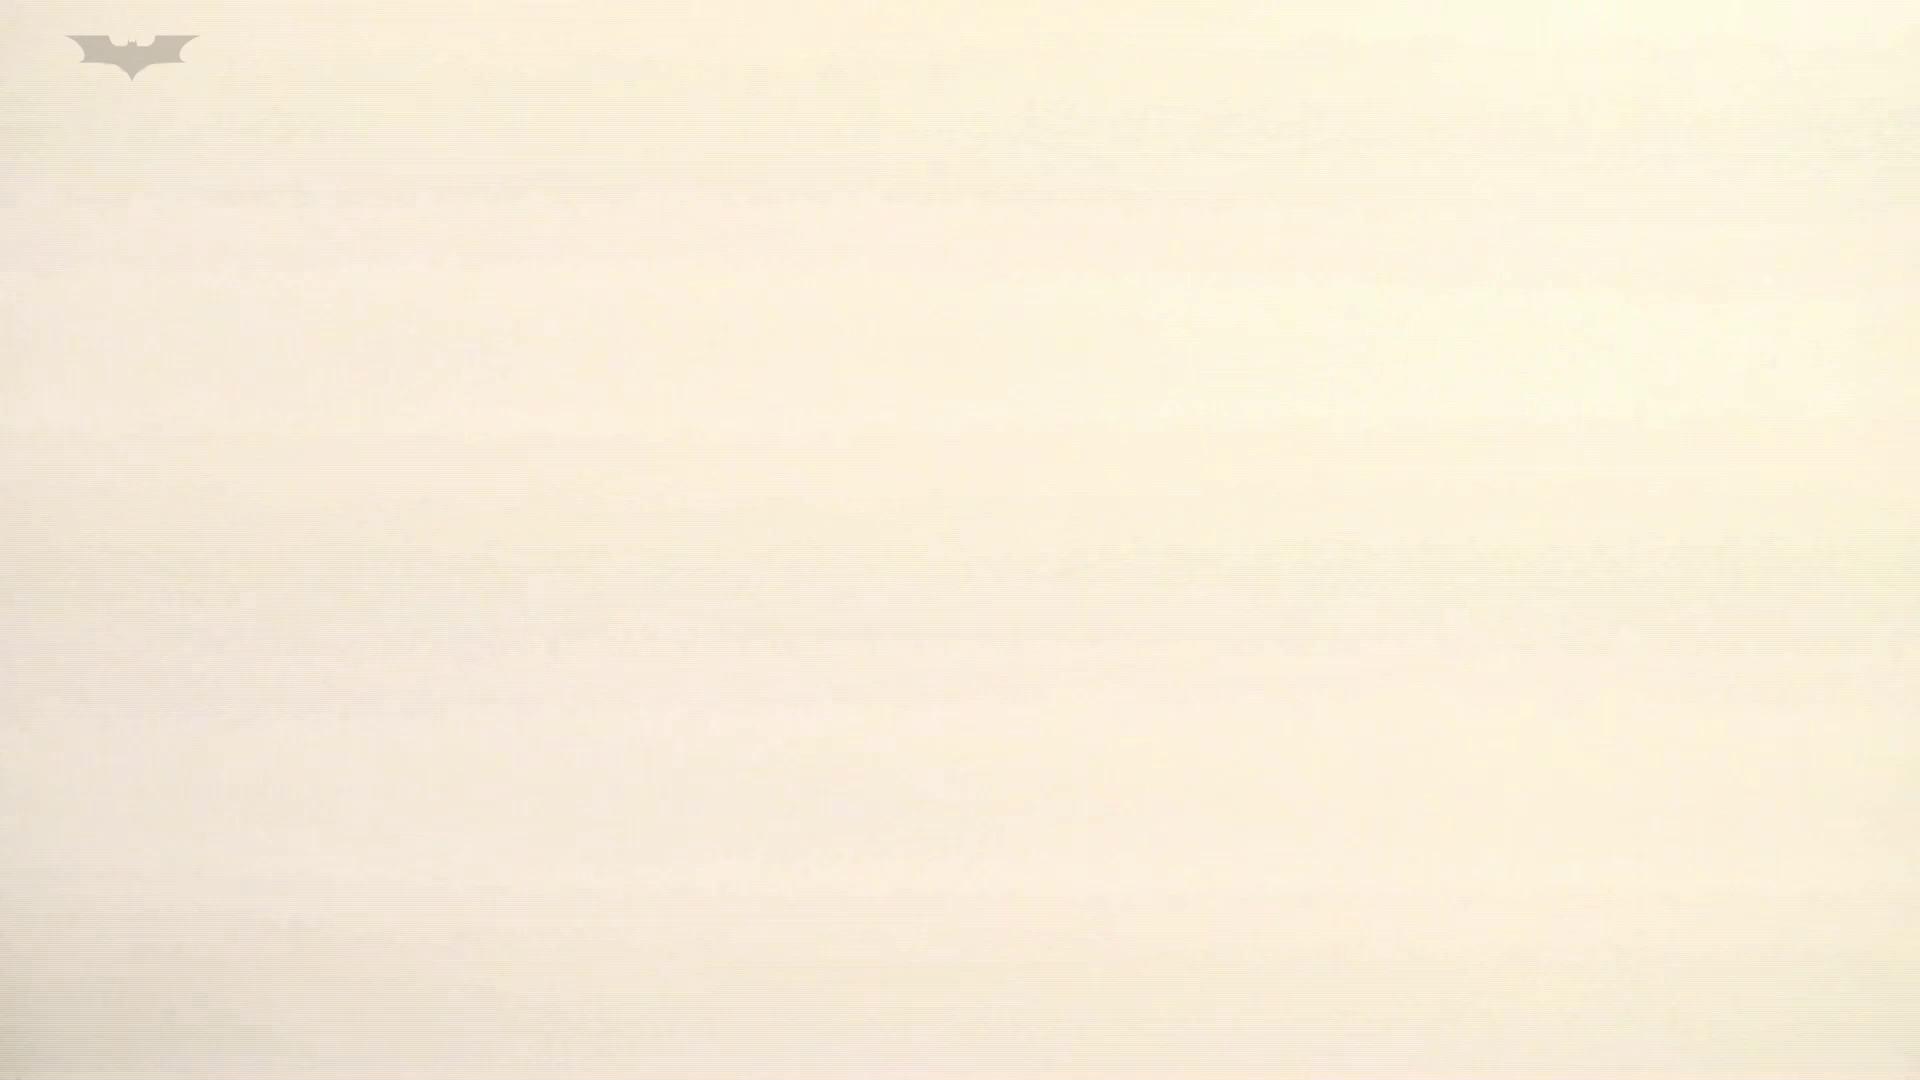 新世界の射窓 No78 トリンドル 玲奈似登場シリーズ美女率最高作! 高画質 えろ無修正画像 112枚 106